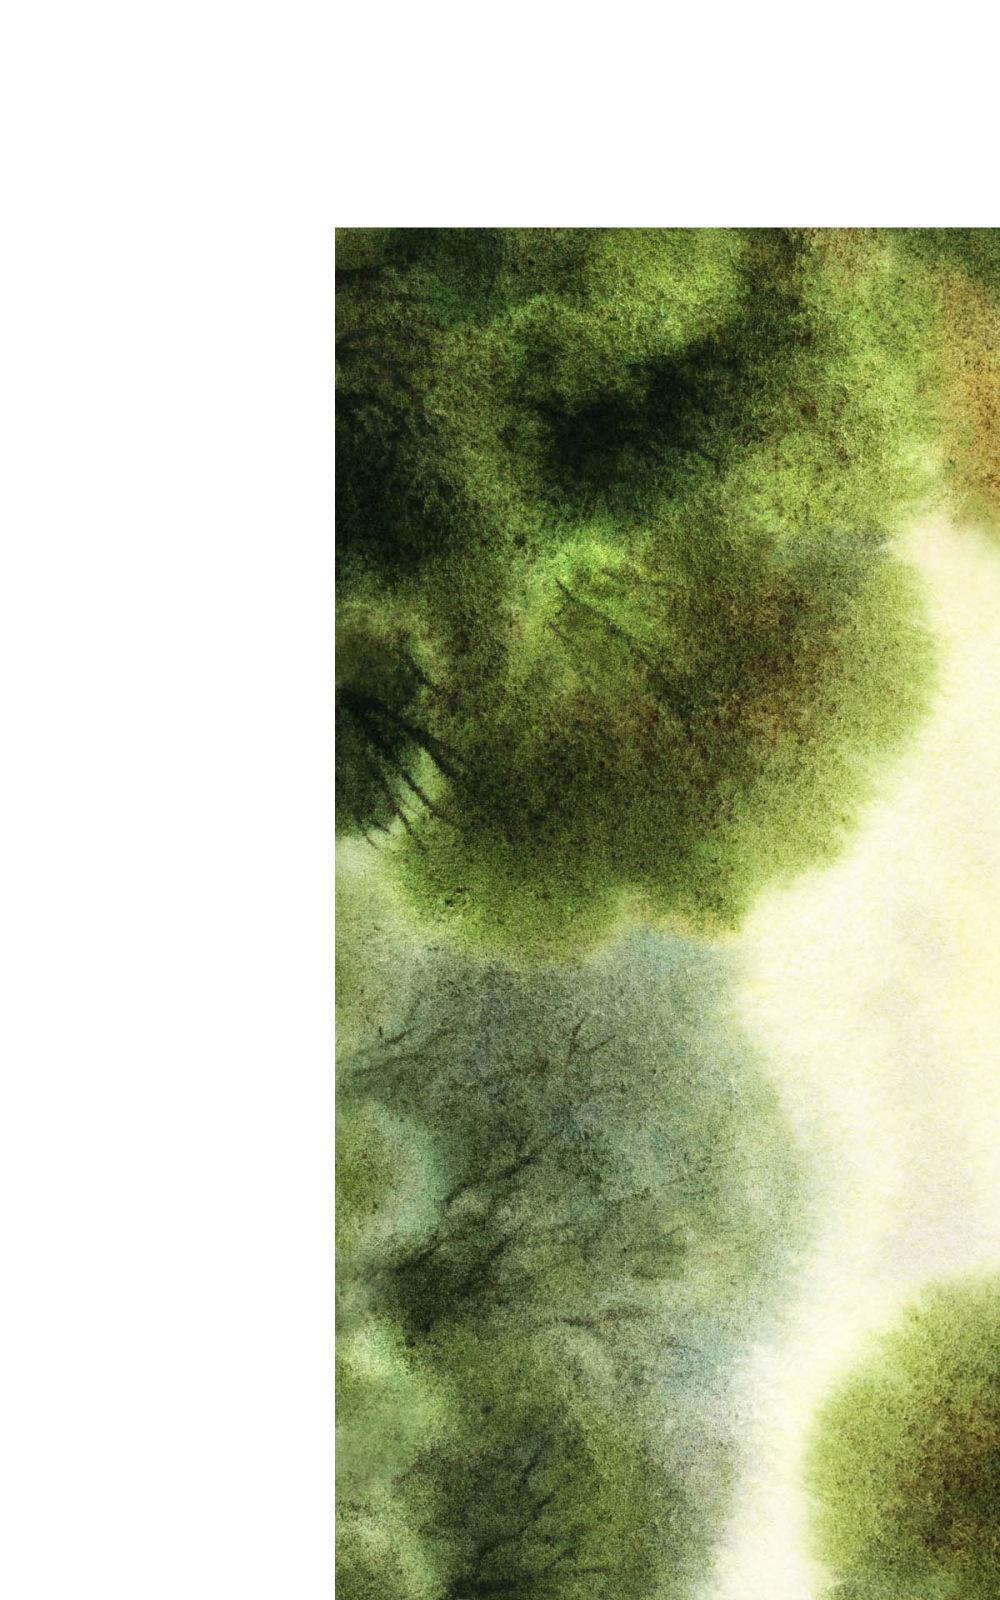 郑中(CCD)--专用地毯高清大图161P_shuicai副本.jpg